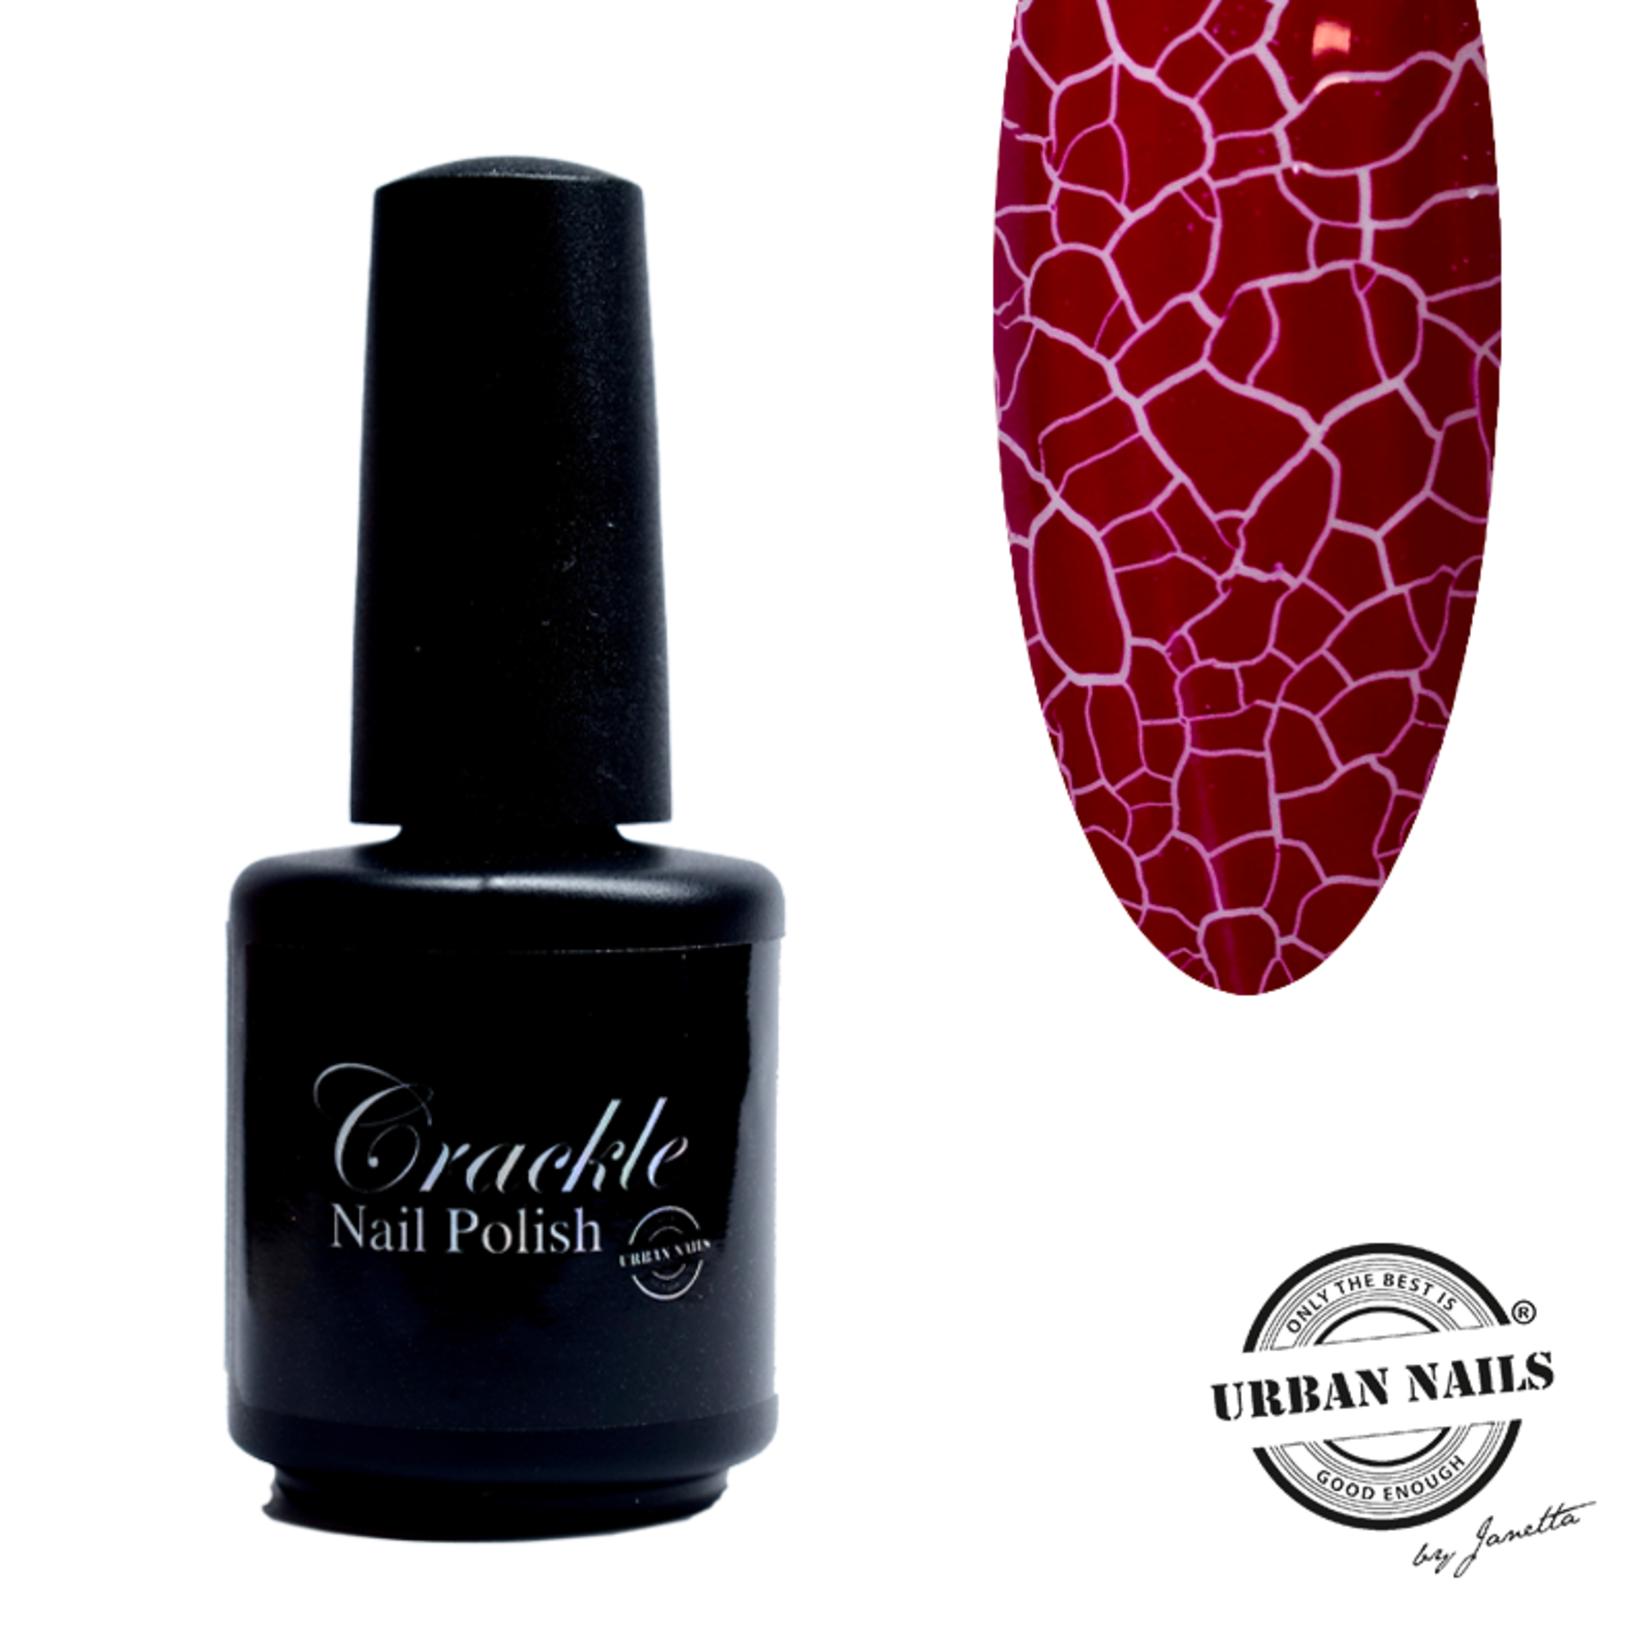 Urban Nails Crackle Nail Polish 5 Magenta